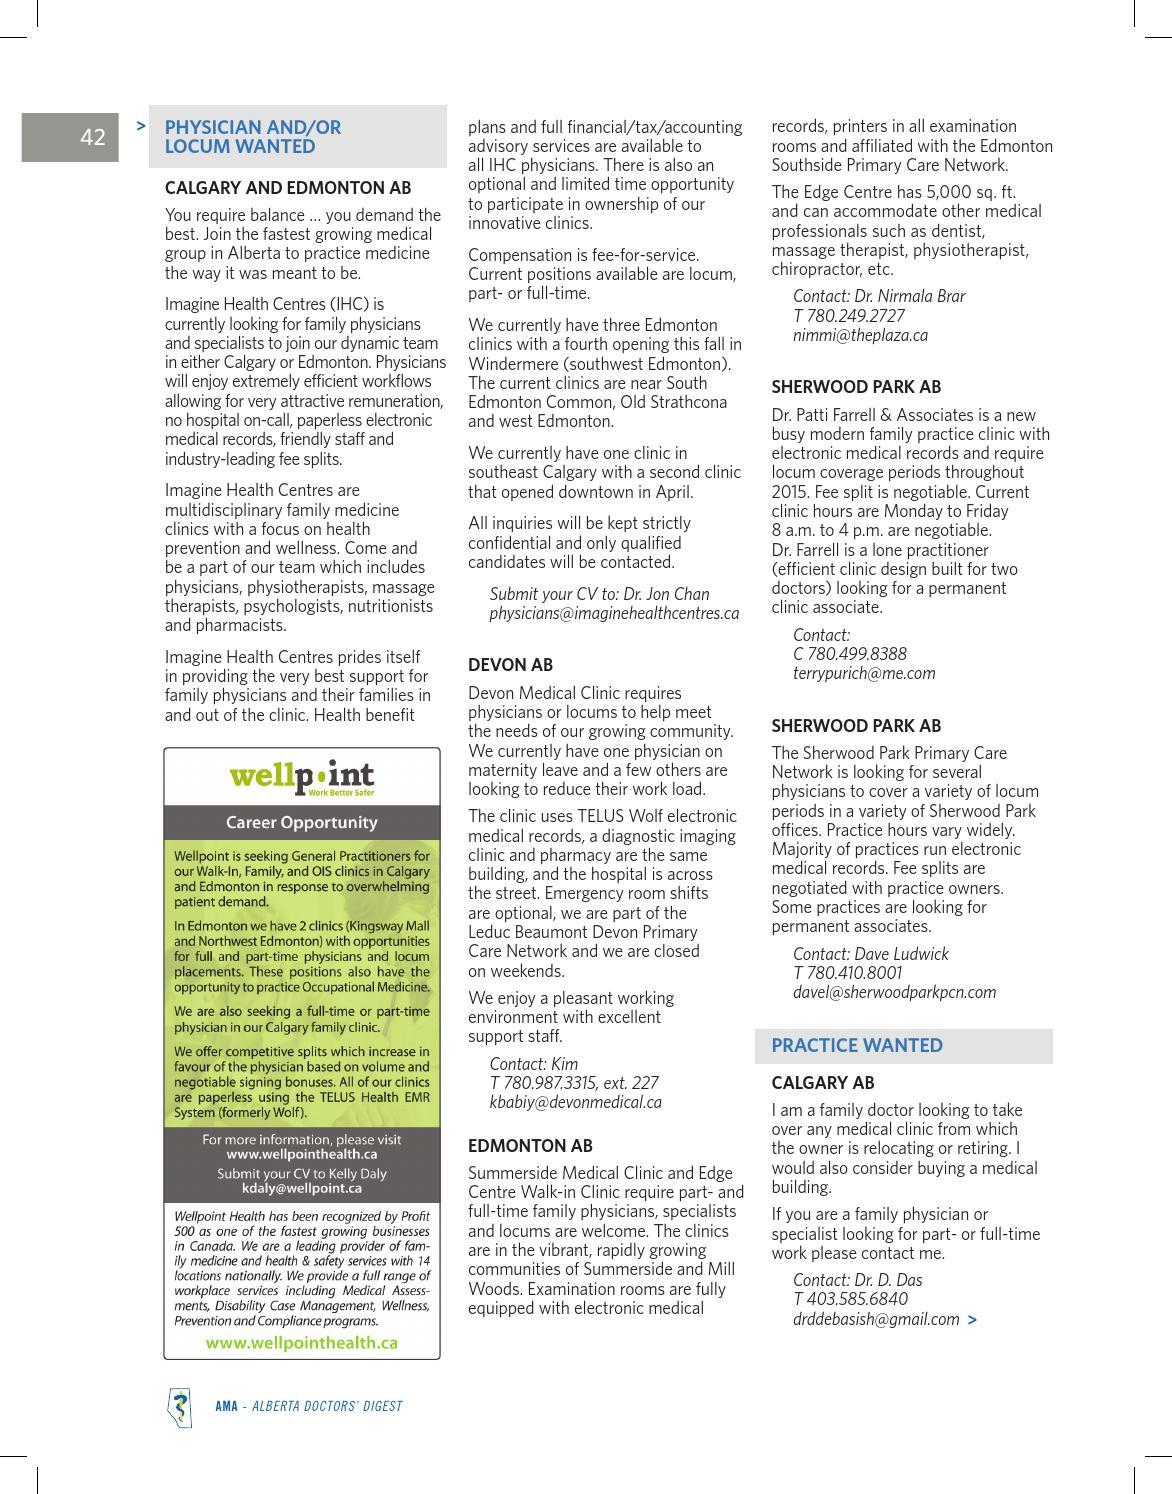 Exelent Disability Management Resume Calgary Image - Administrative ...